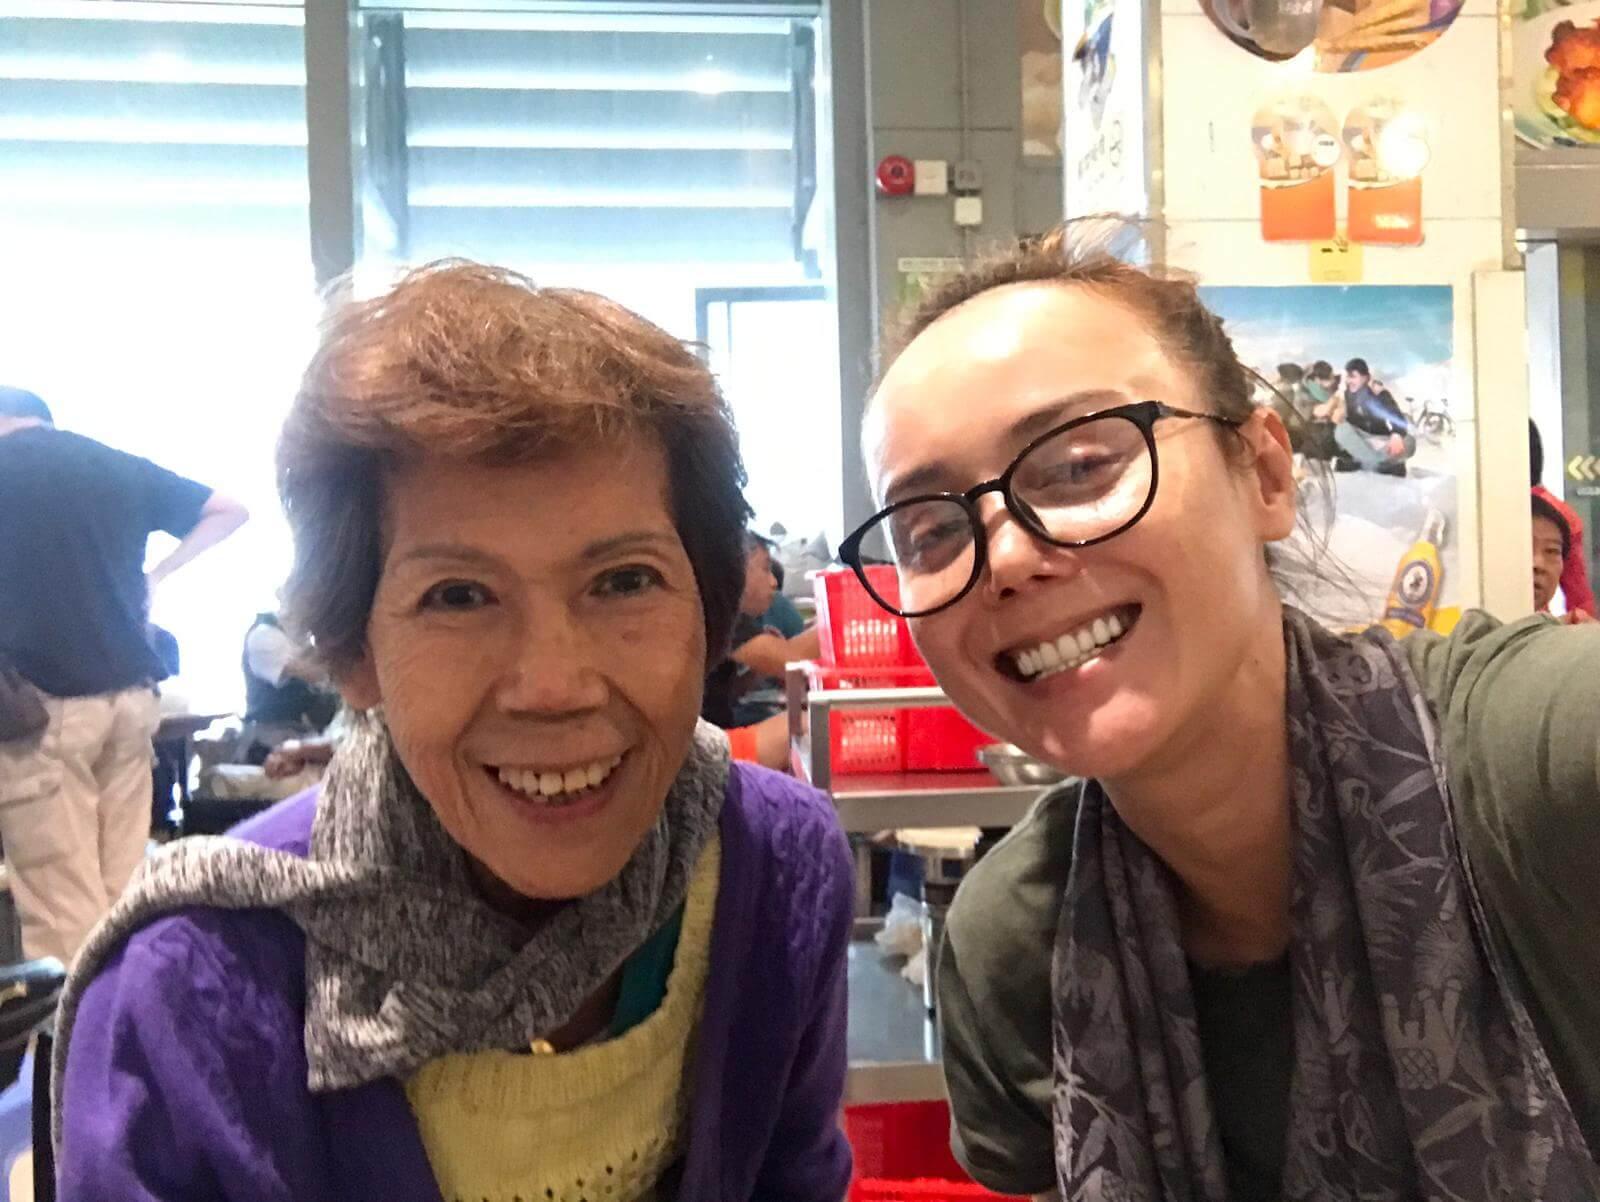 韓君婷的母親一八年因患癌去世,龐大醫藥費令她的經濟雪上加霜,最終無力償還債務,宣佈破產。